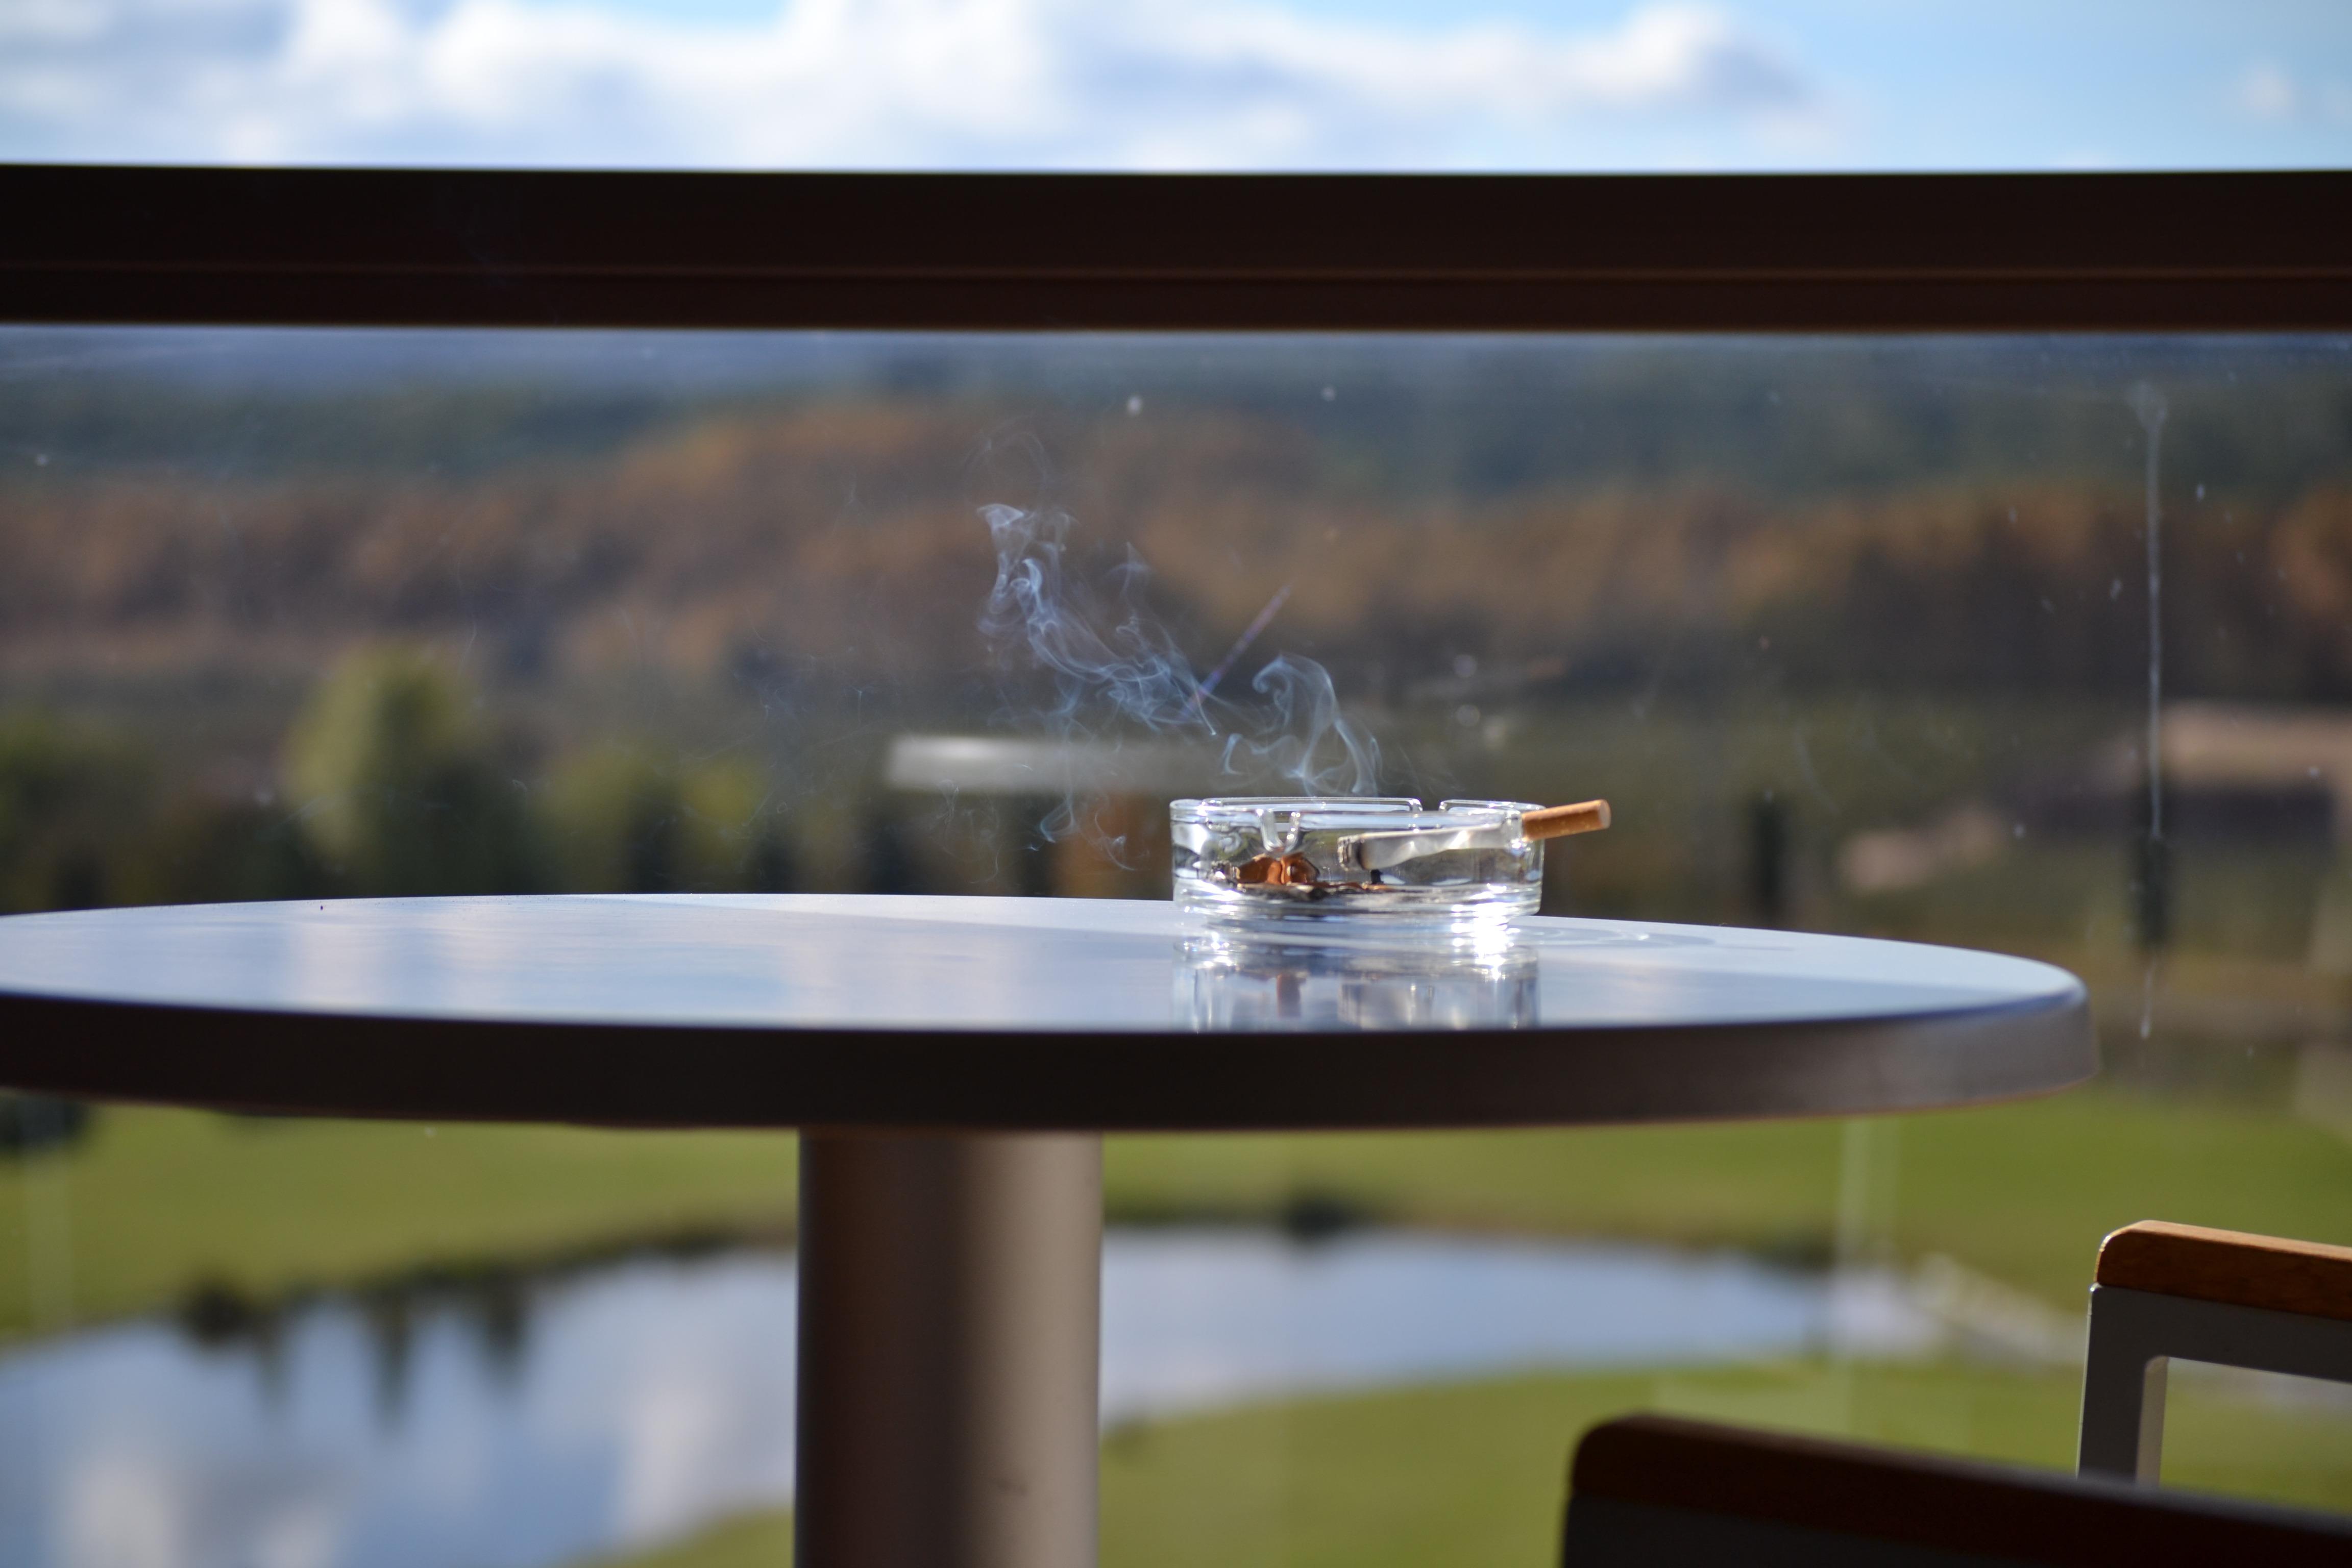 Tabelle Holz Boot Zuhause Rauchen Balkon Betrachtung Fahrzeug Entspannen  Sie Sich Urlaub Möbel Entwurf Gestalten